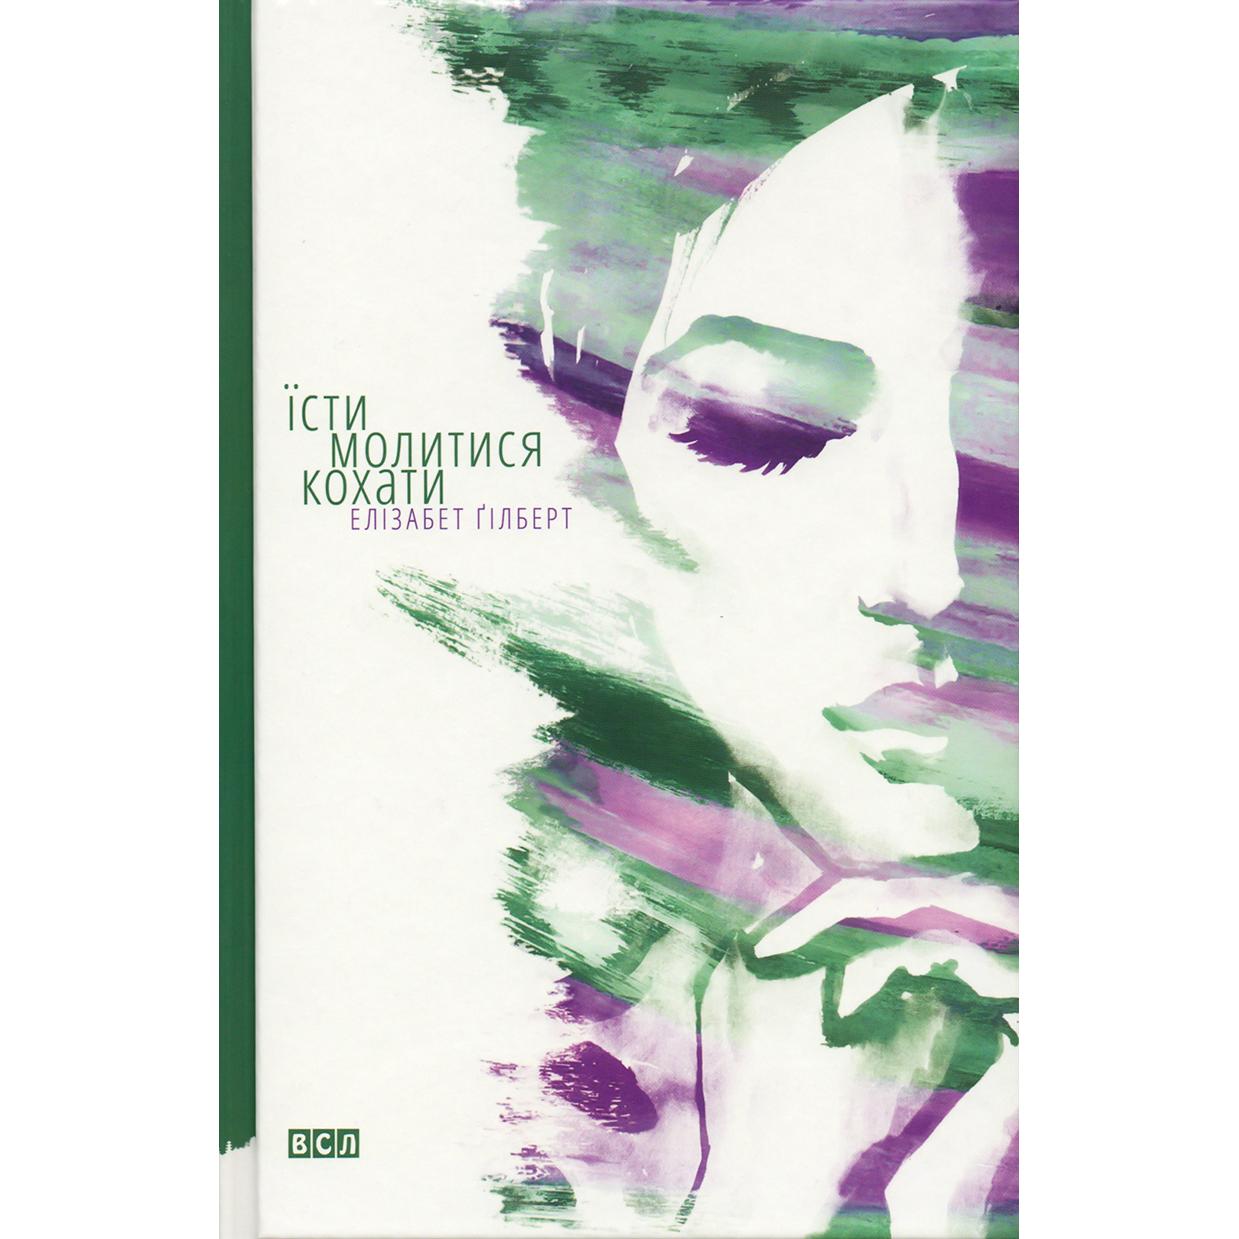 Купити книгу Їсти молитися кохати, Елізабет Ґілберт | Bukio